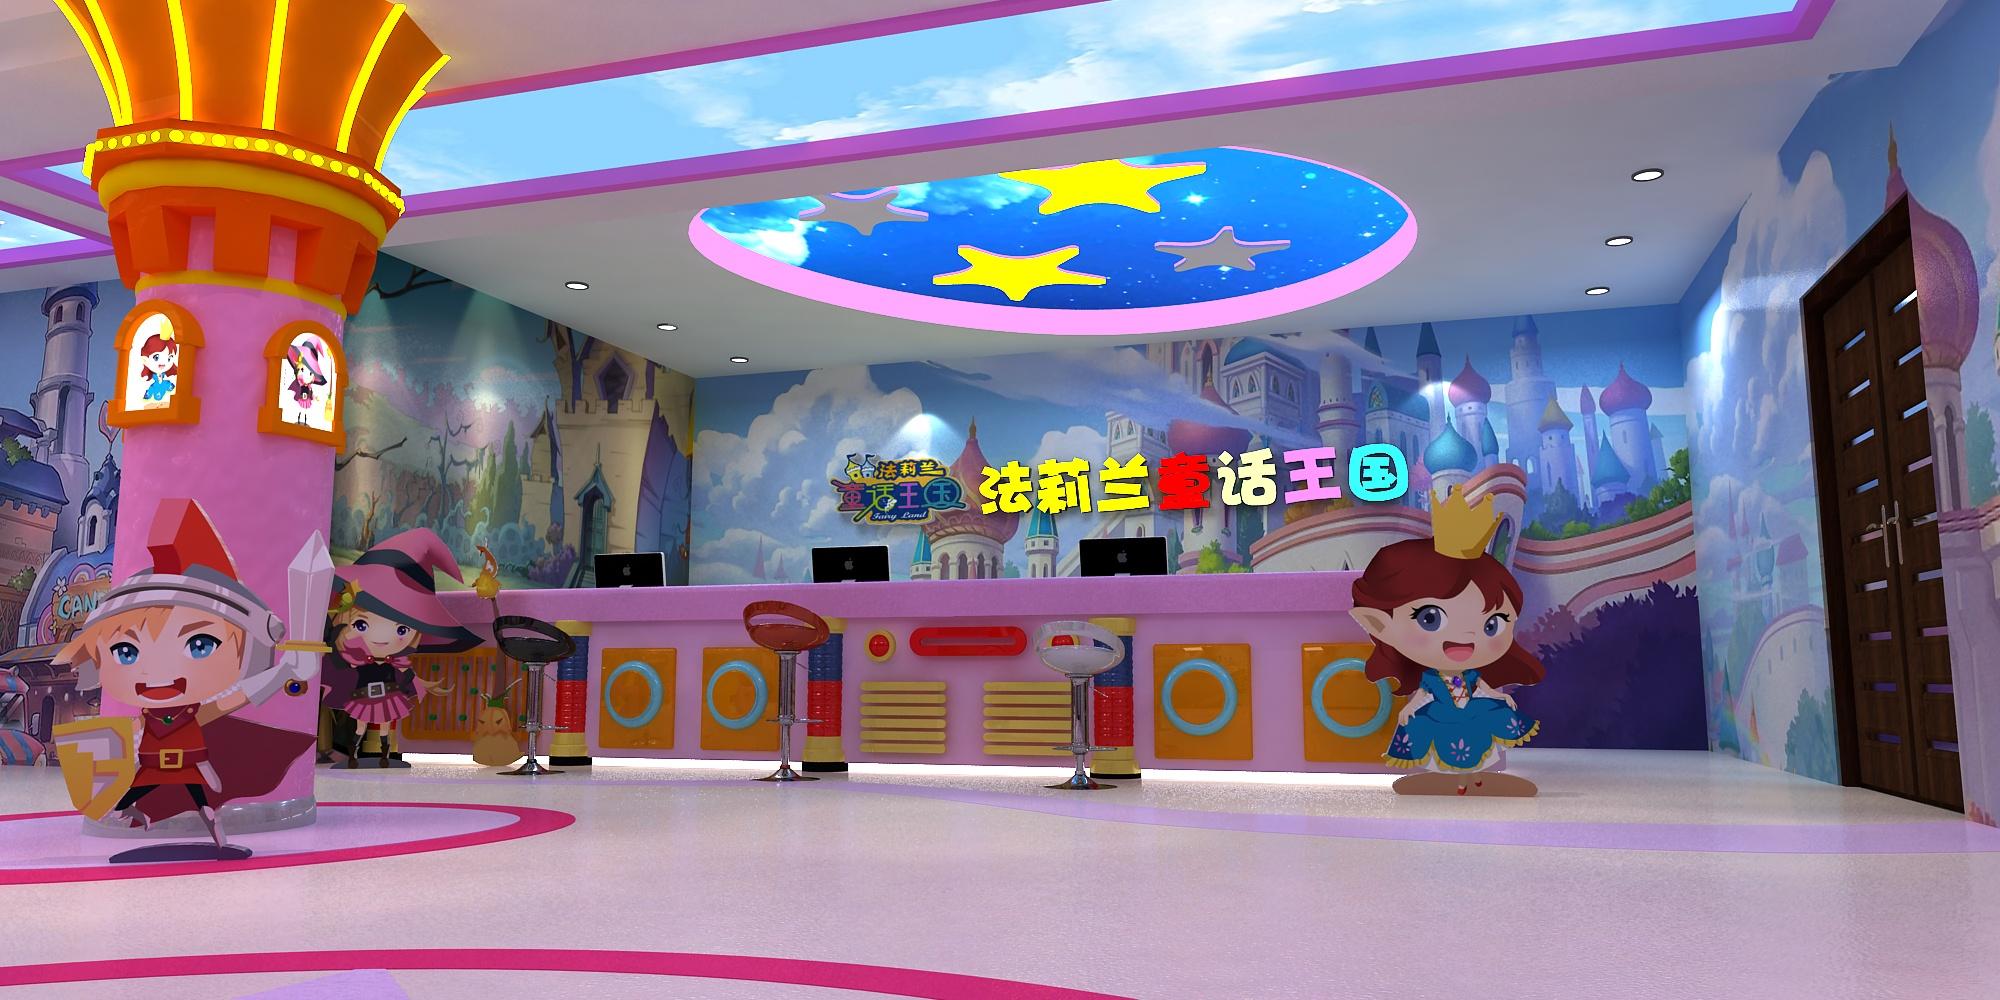 【欢乐园场景壁画项目】——郑州童话王国案例